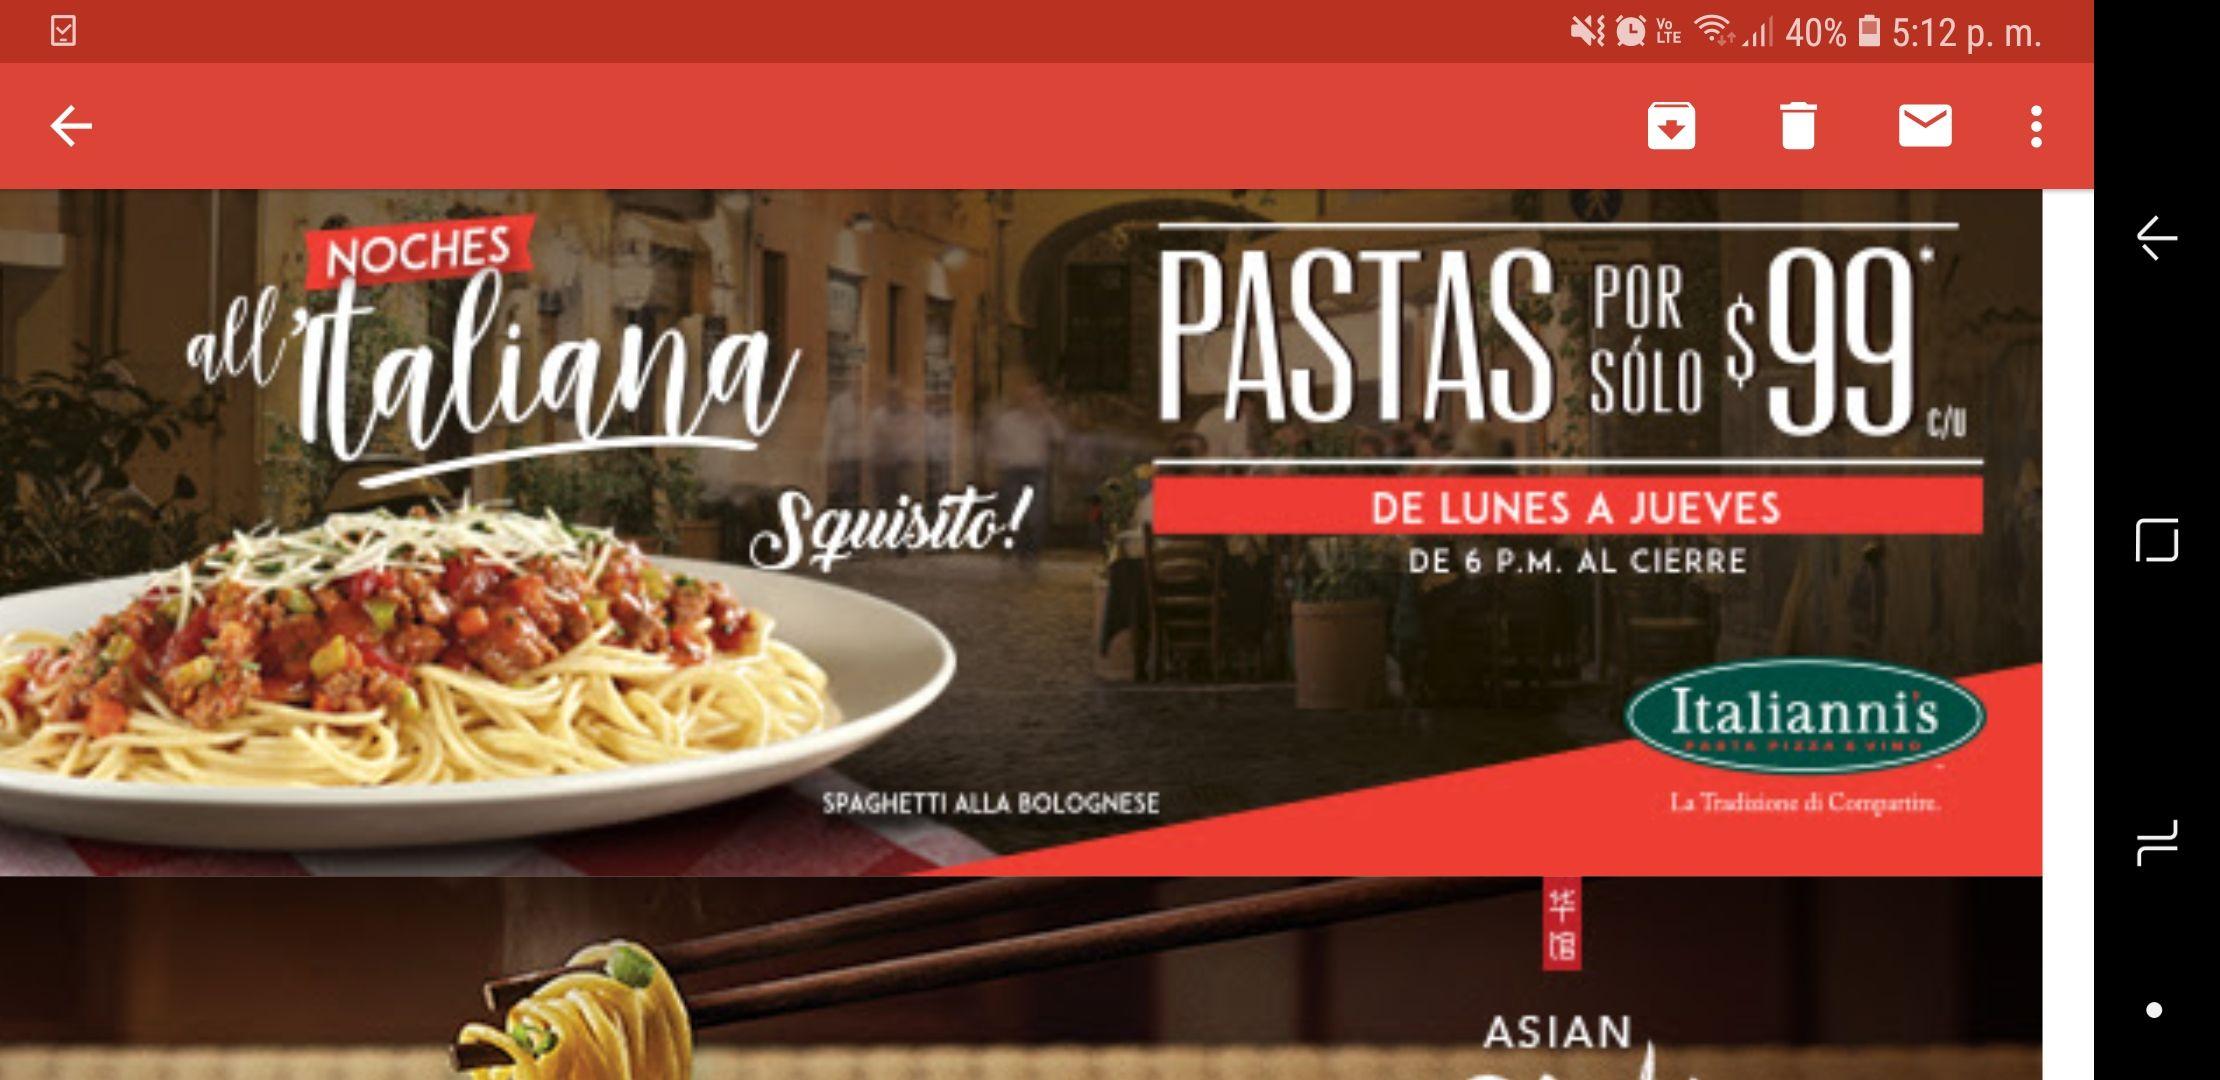 Italiannis: Pastas a 99 pesos